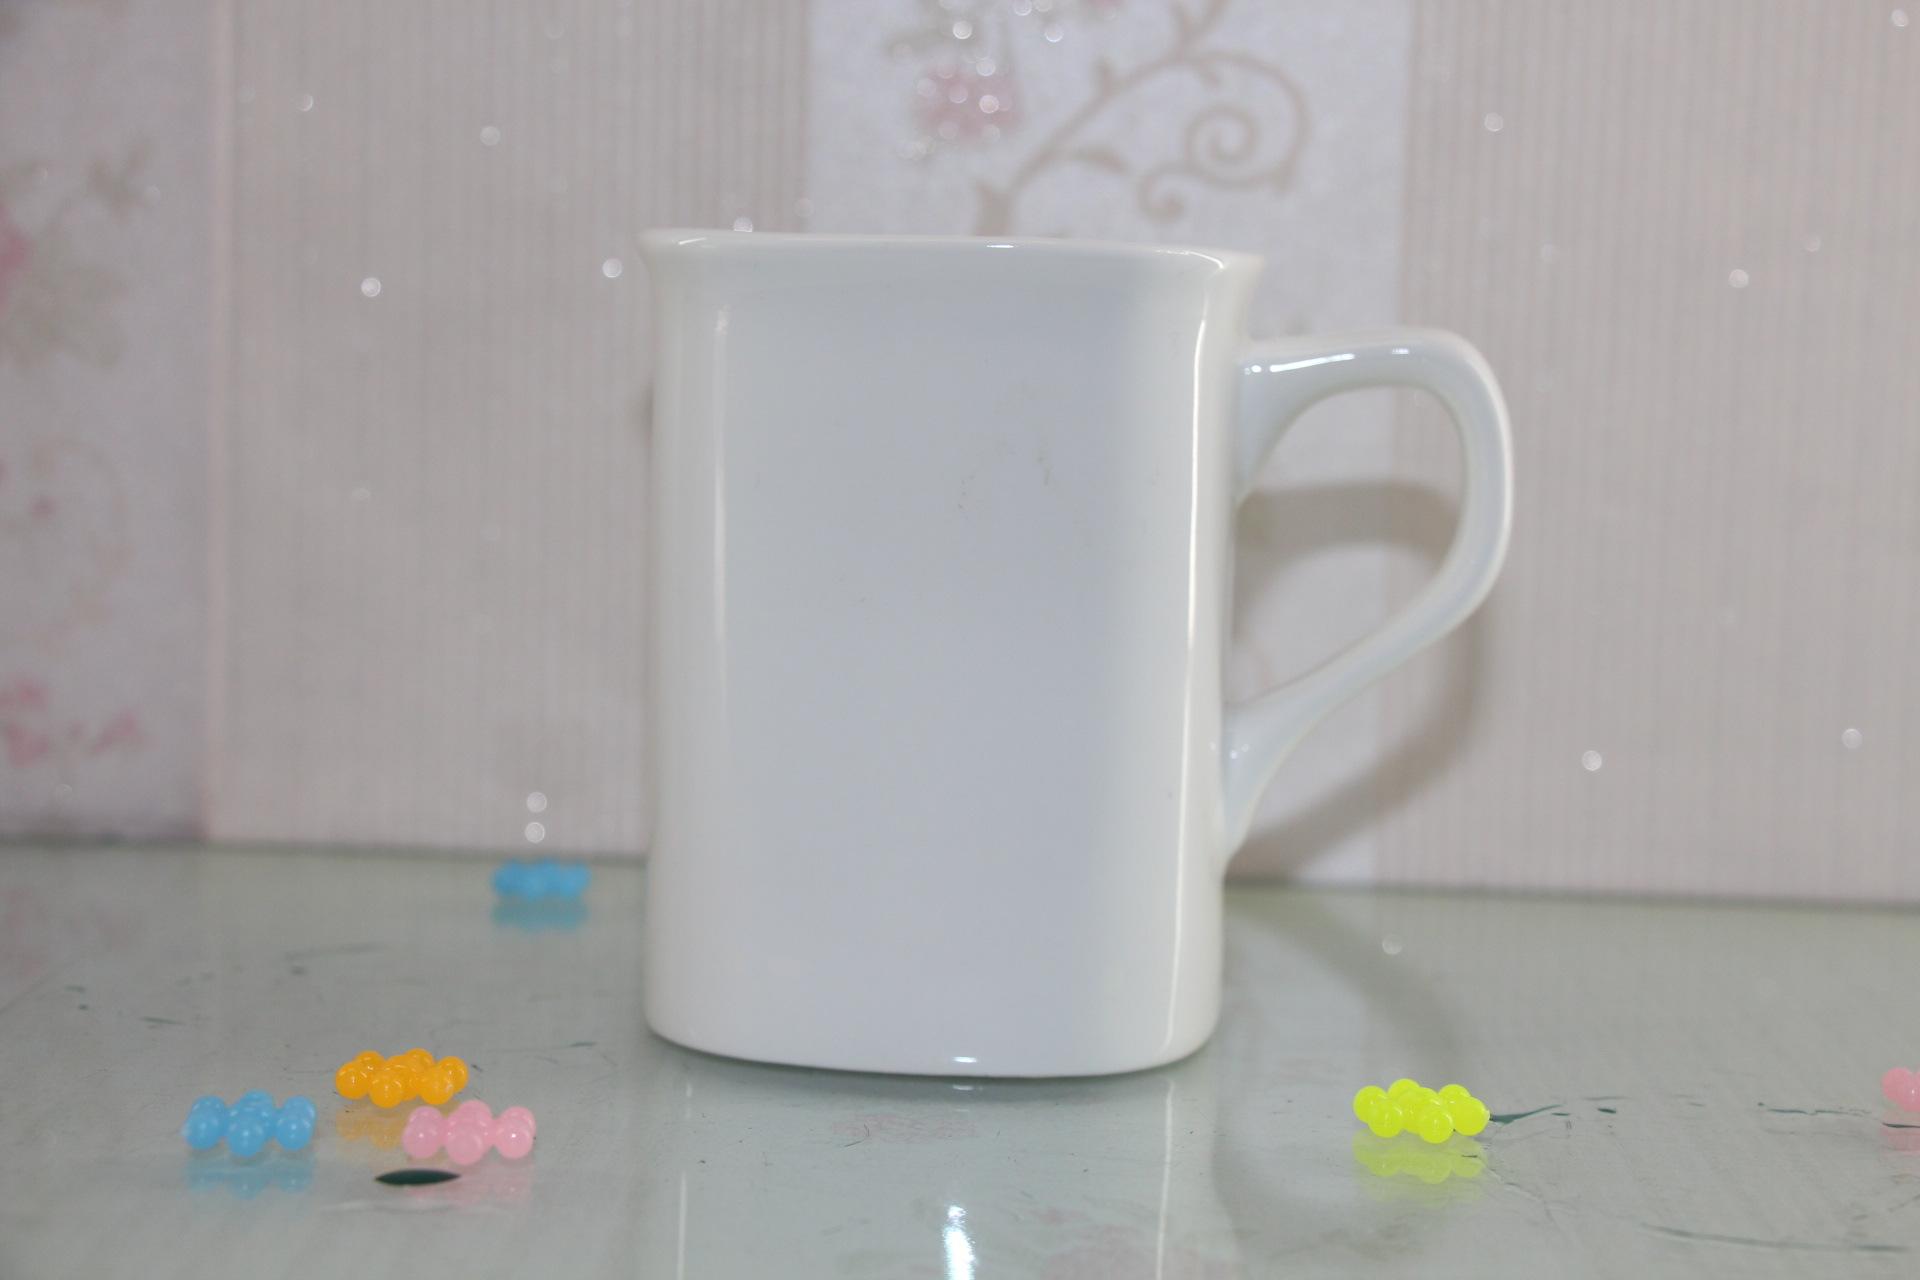 生产加工个性定制普瓷各种器型陶瓷马克杯咖啡杯